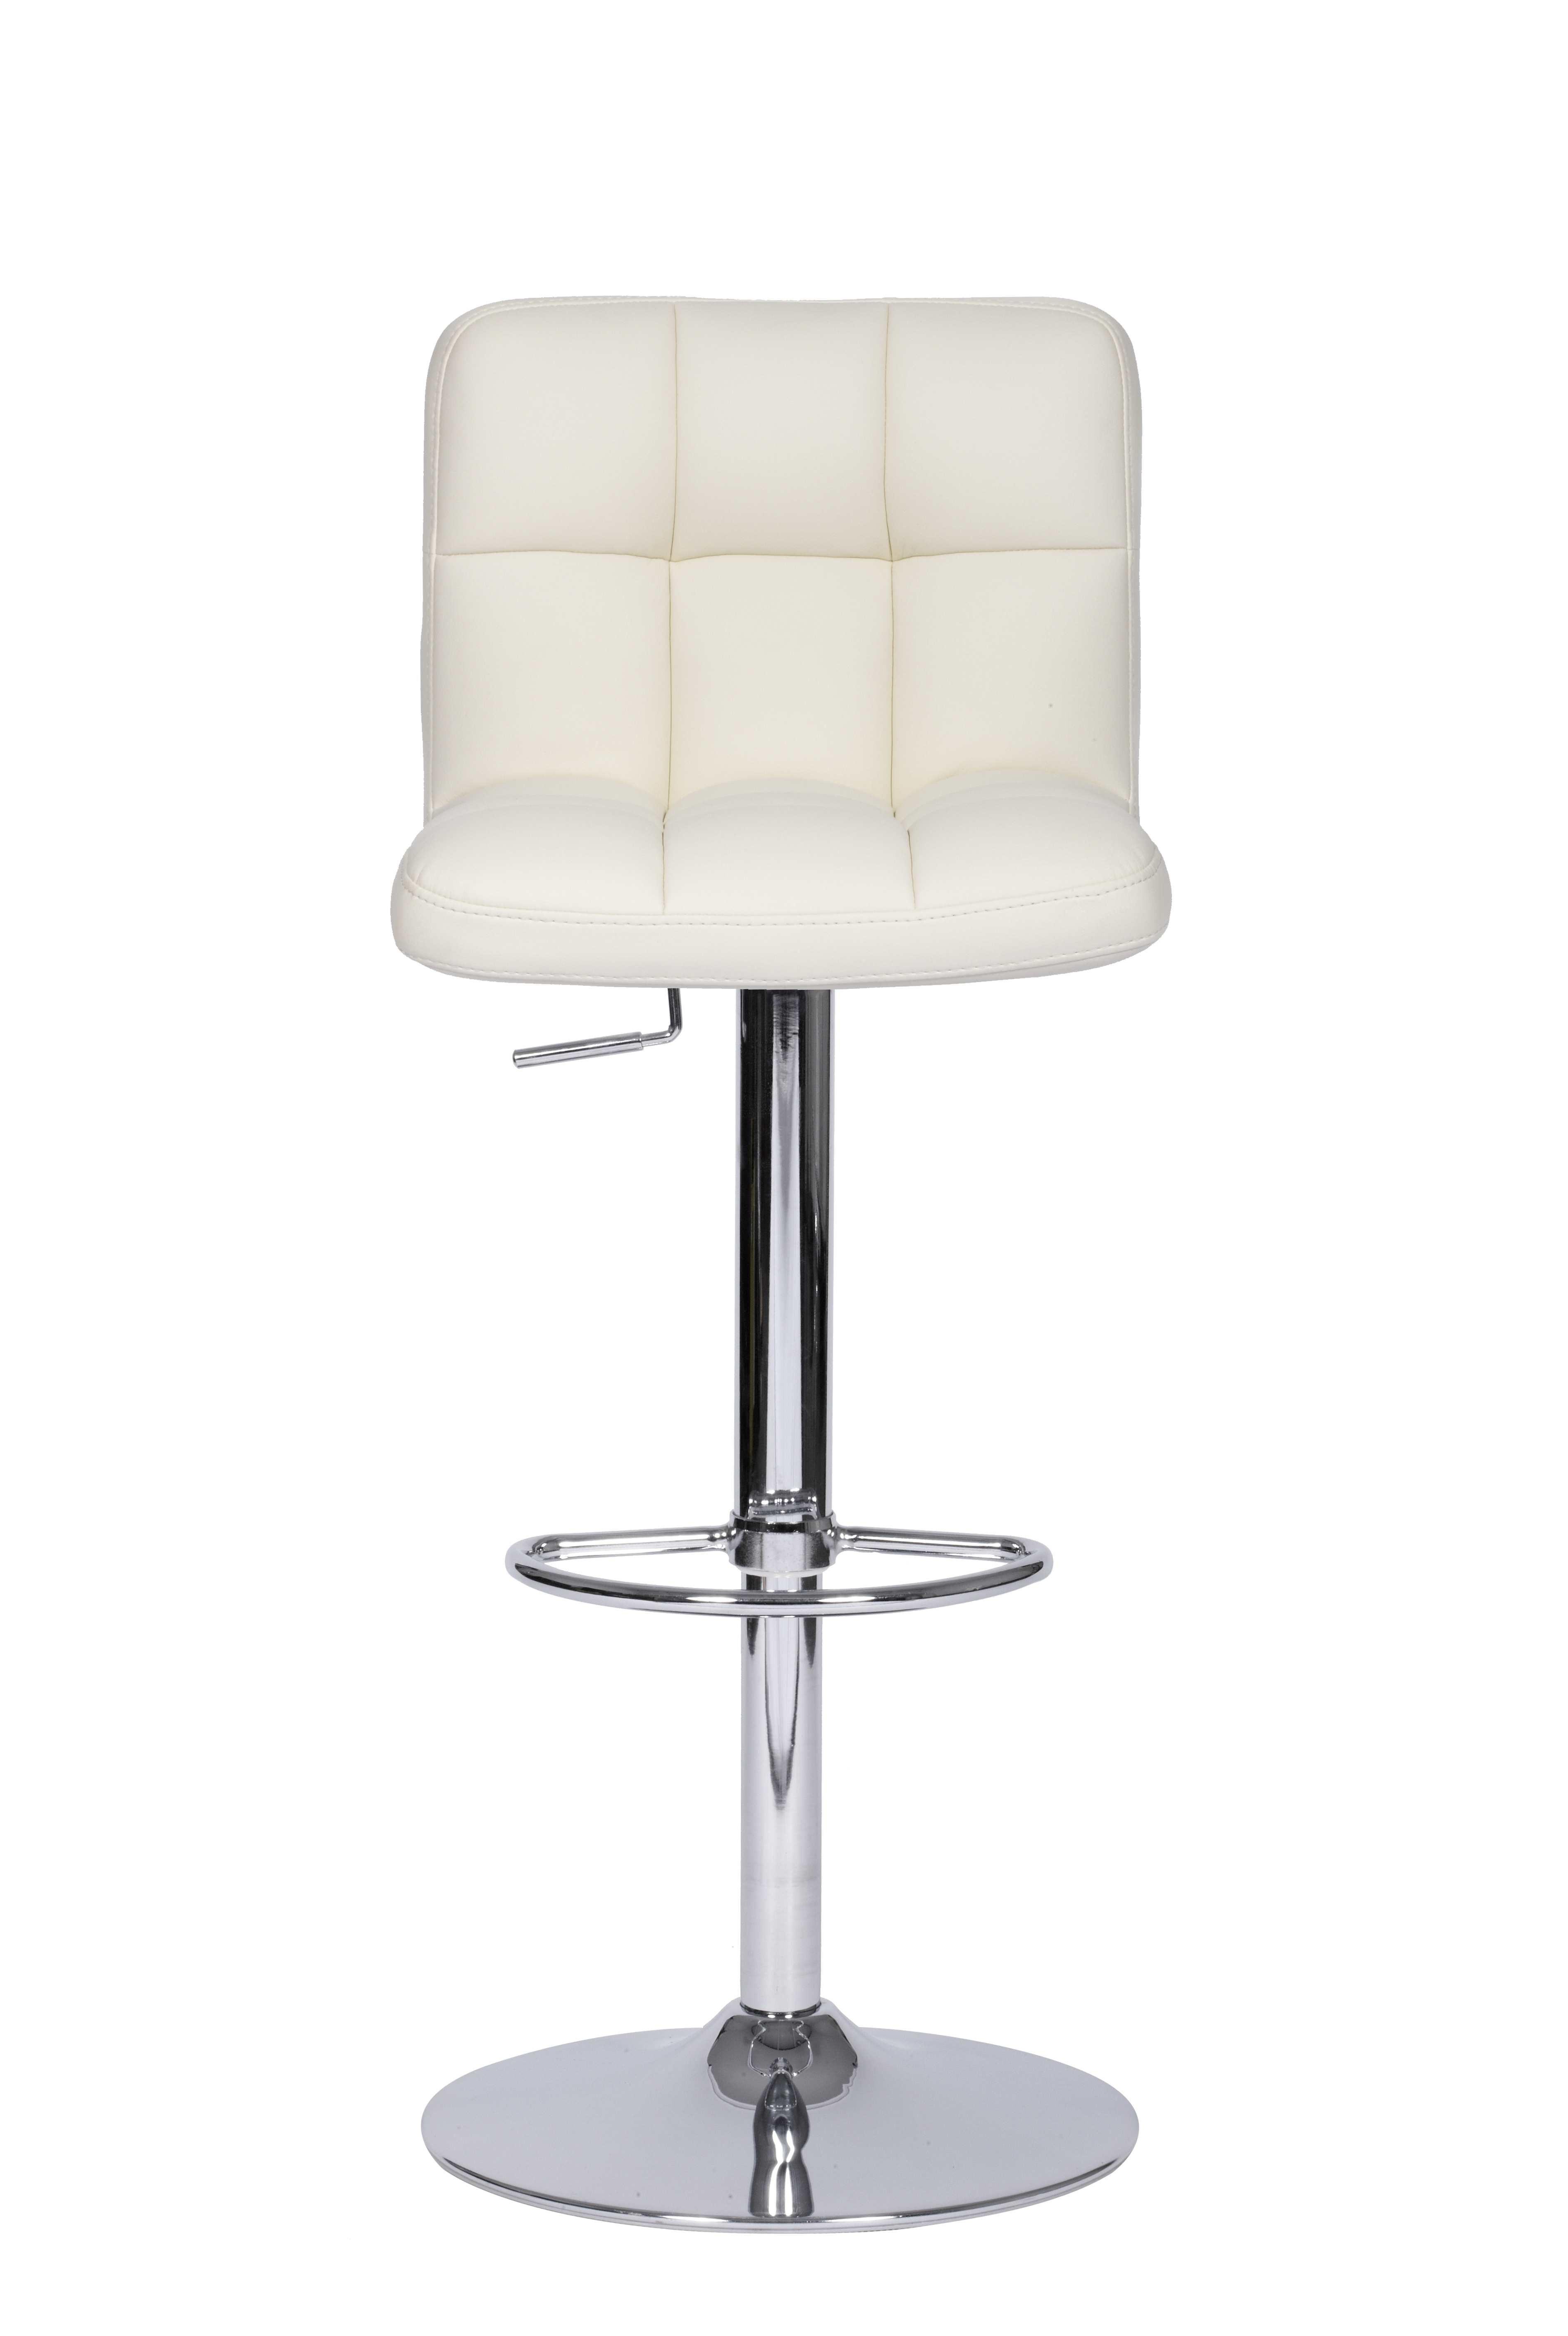 prix chaise de bar mobilier design d coration d 39 int rieur. Black Bedroom Furniture Sets. Home Design Ideas